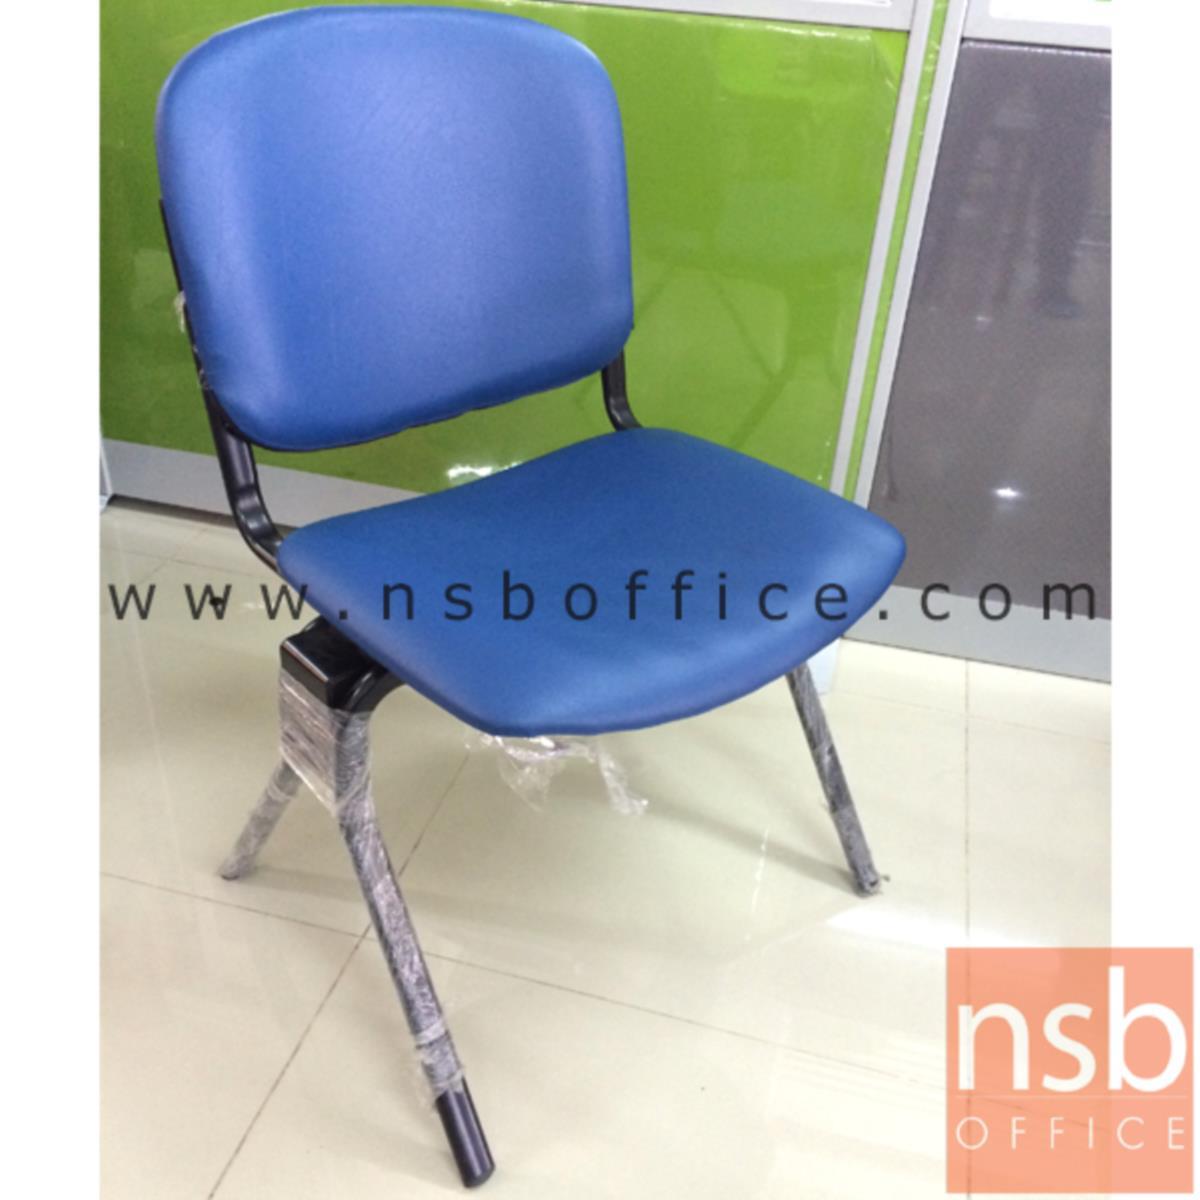 เก้าอี้อเนกประสงค์ รุ่น A850  ขาตัววีคว่ำ